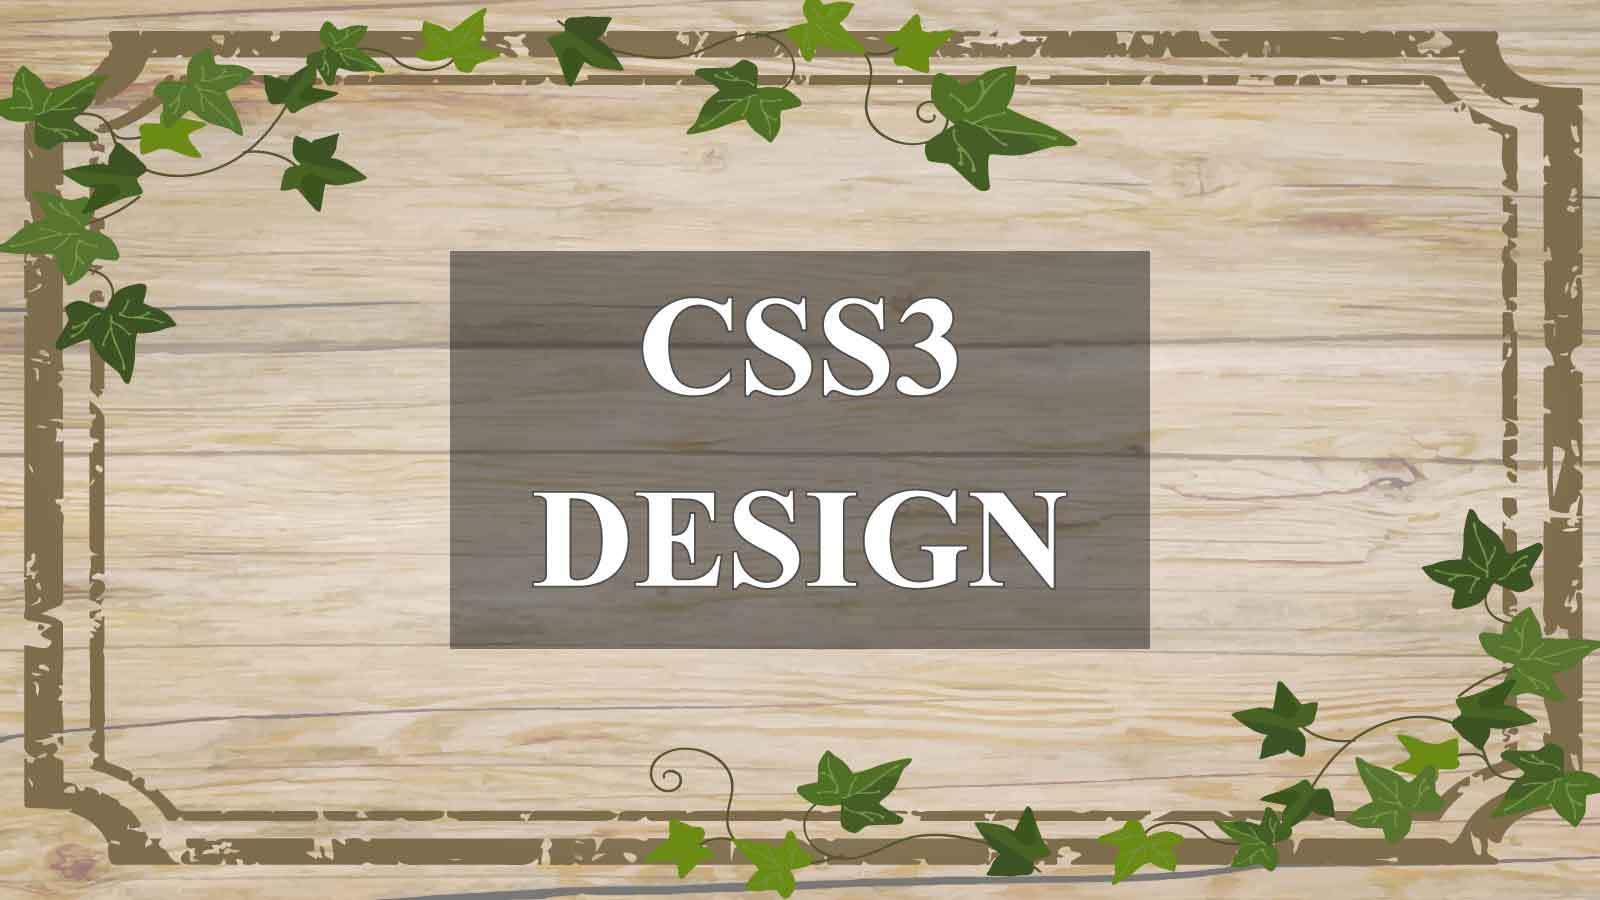 色々な使い方ができるCSS3ボックスデザイン